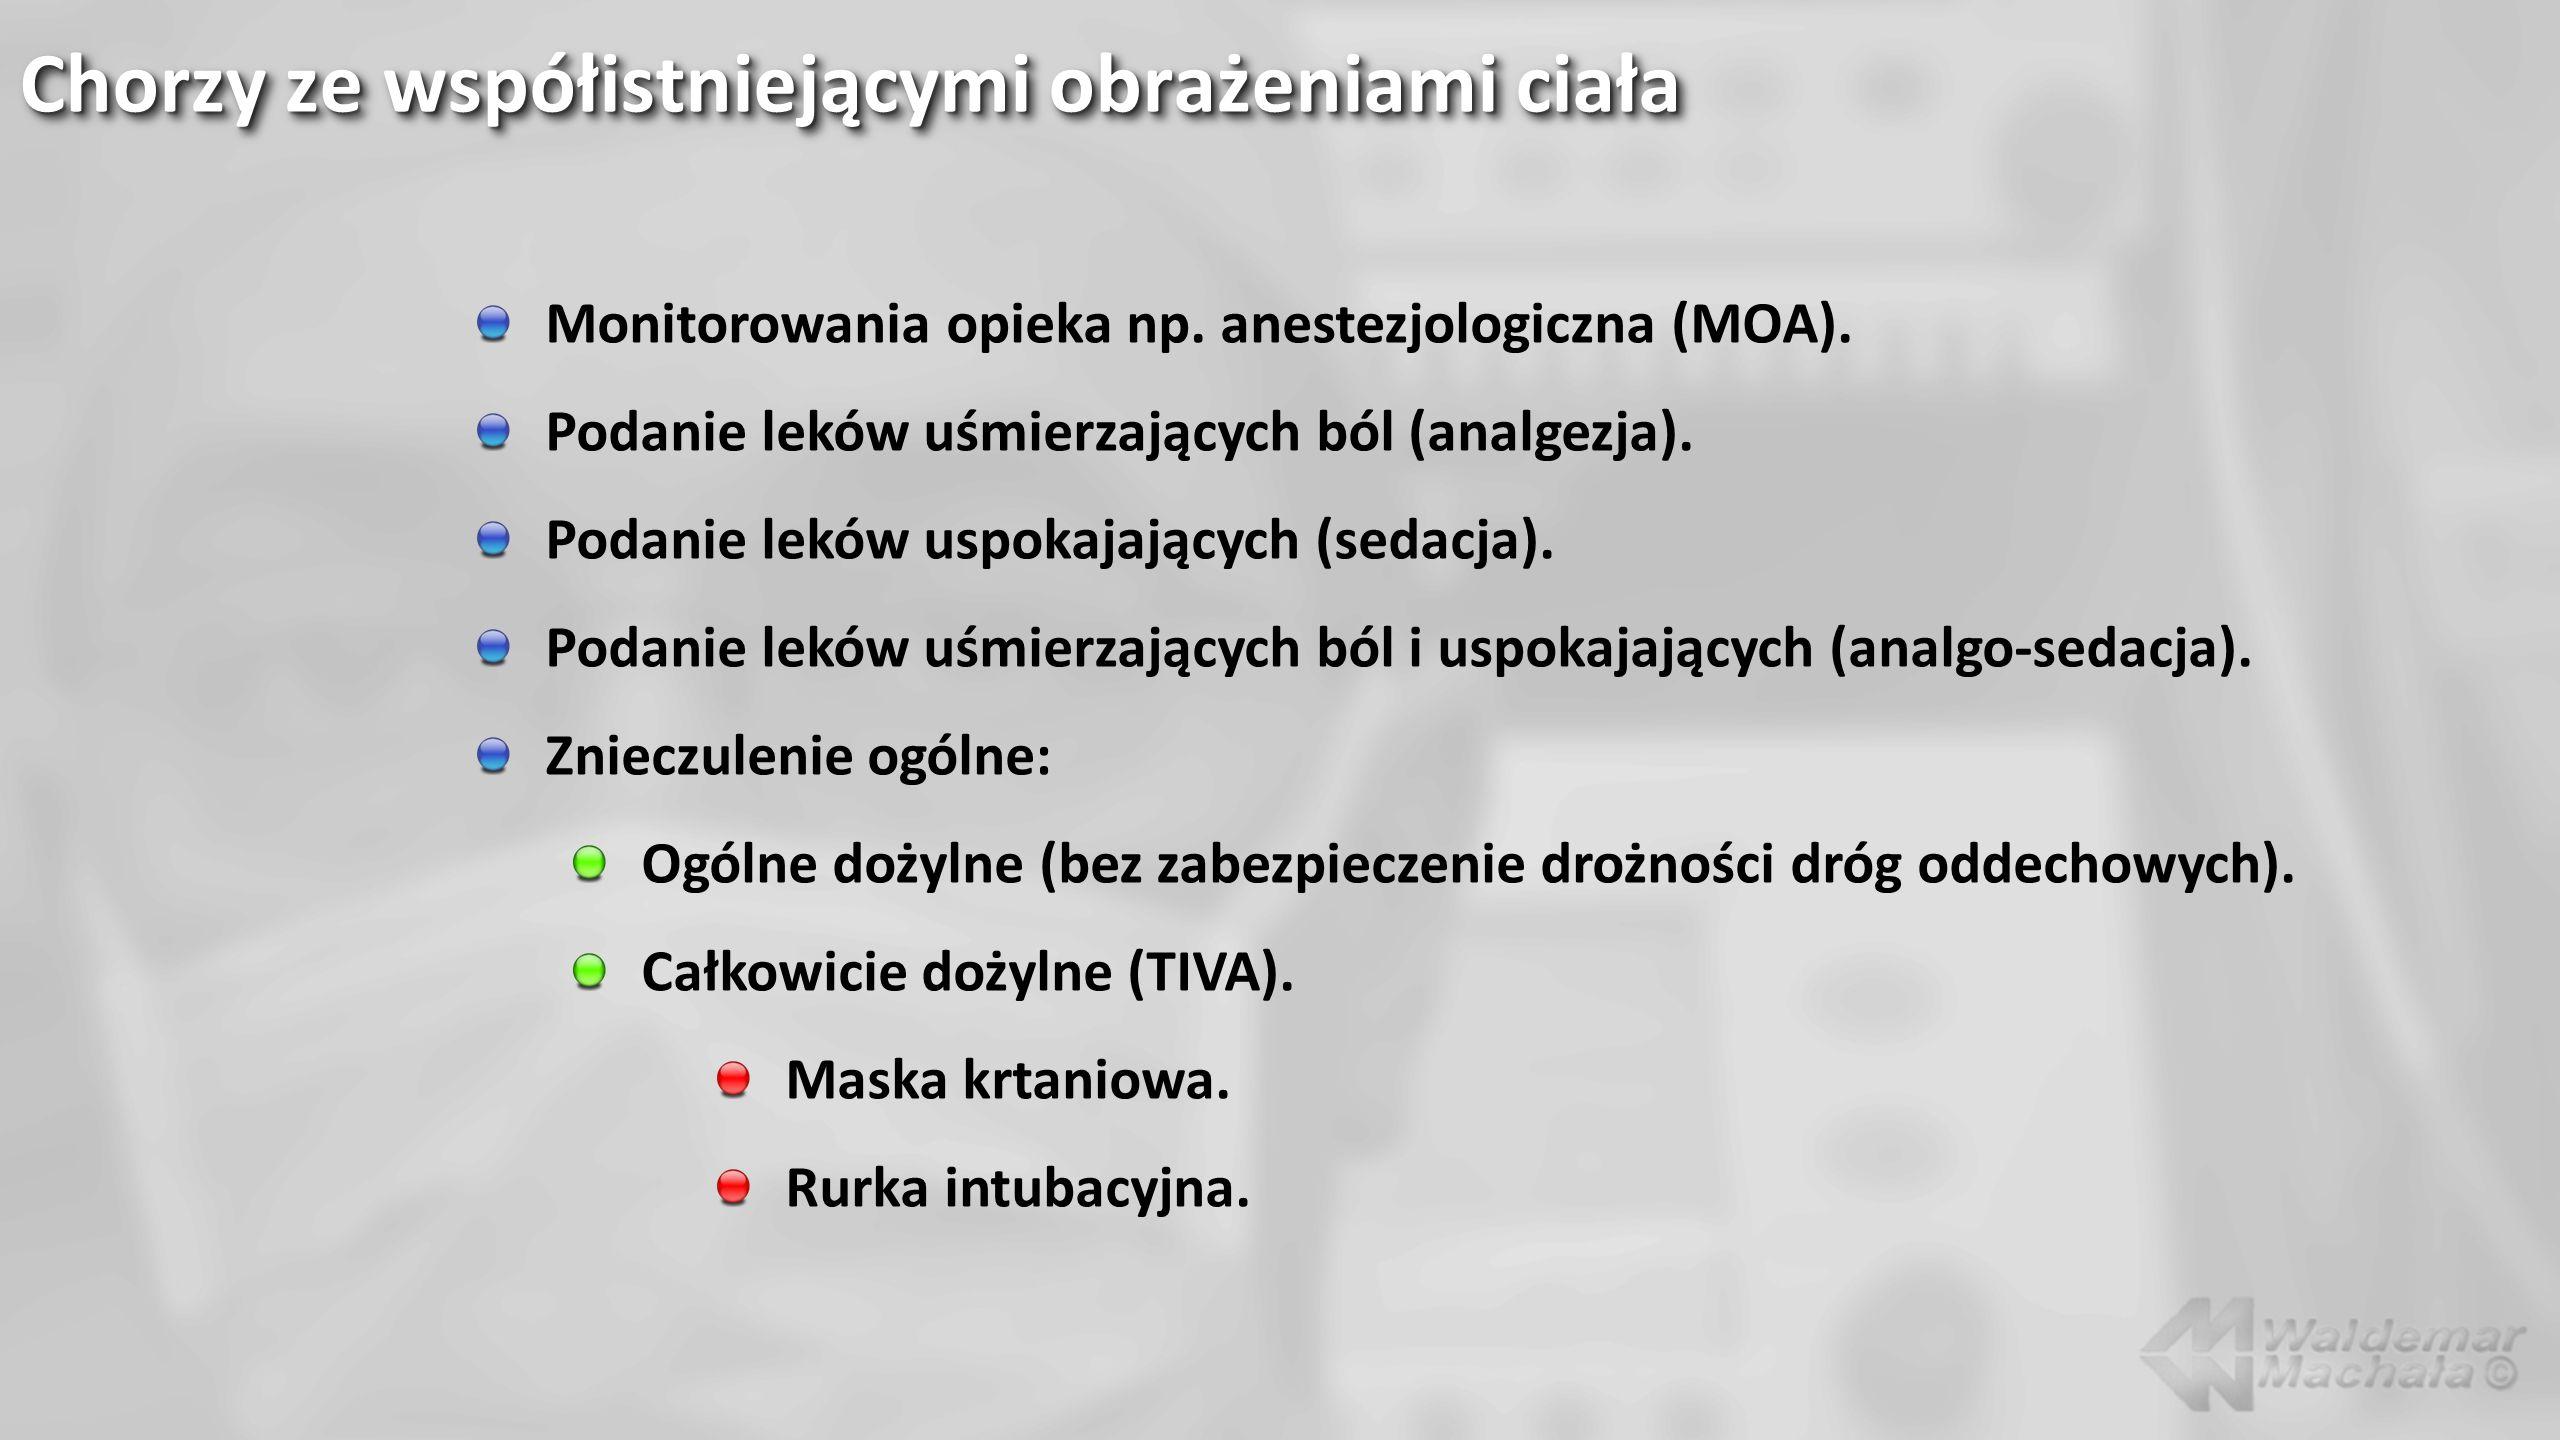 Chorzy ze współistniejącymi obrażeniami ciała Monitorowania opieka np. anestezjologiczna (MOA). Podanie leków uśmierzających ból (analgezja). Podanie